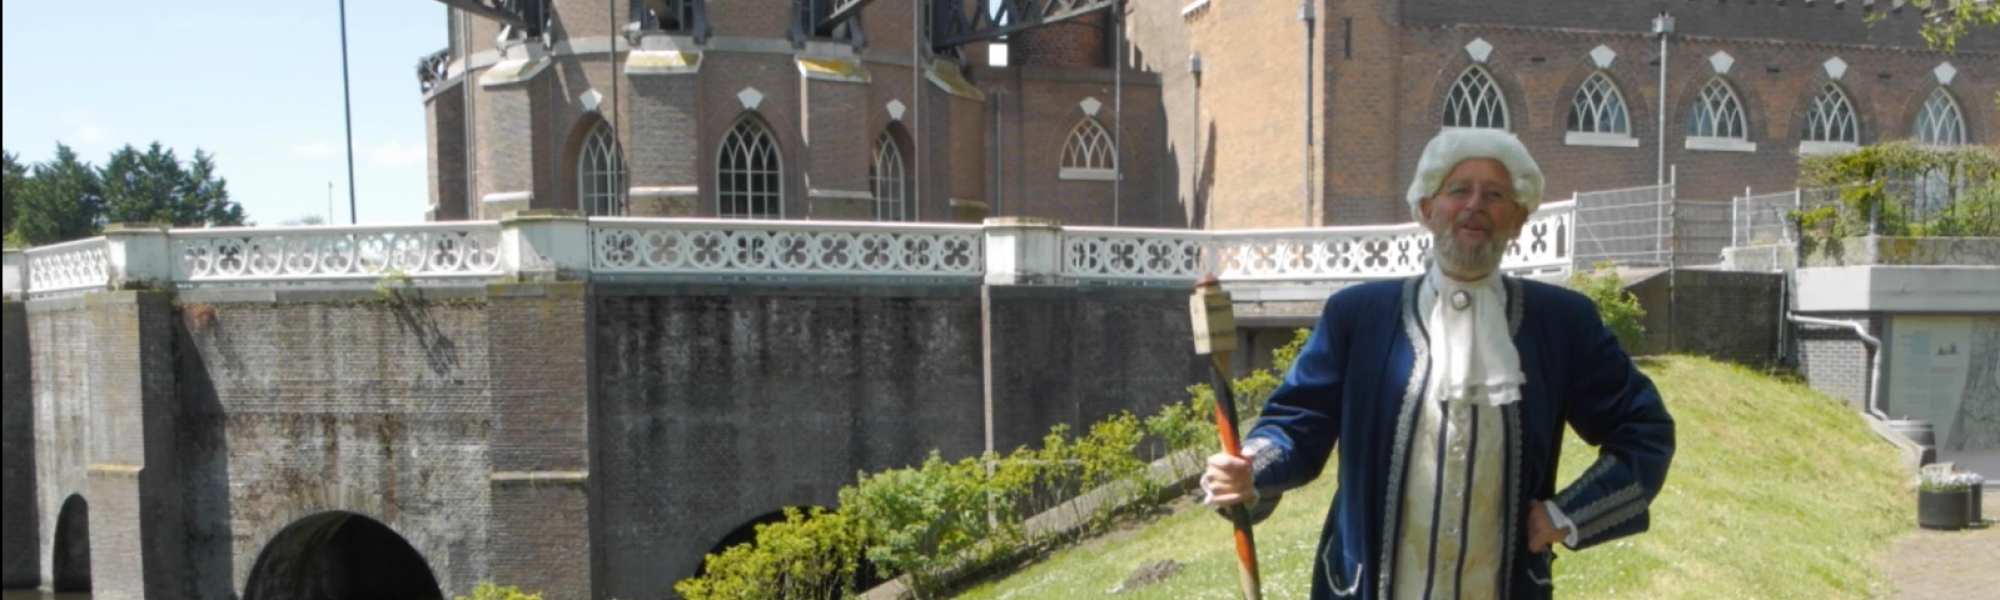 Nicolaus Cruquius in Virtuele Watertour